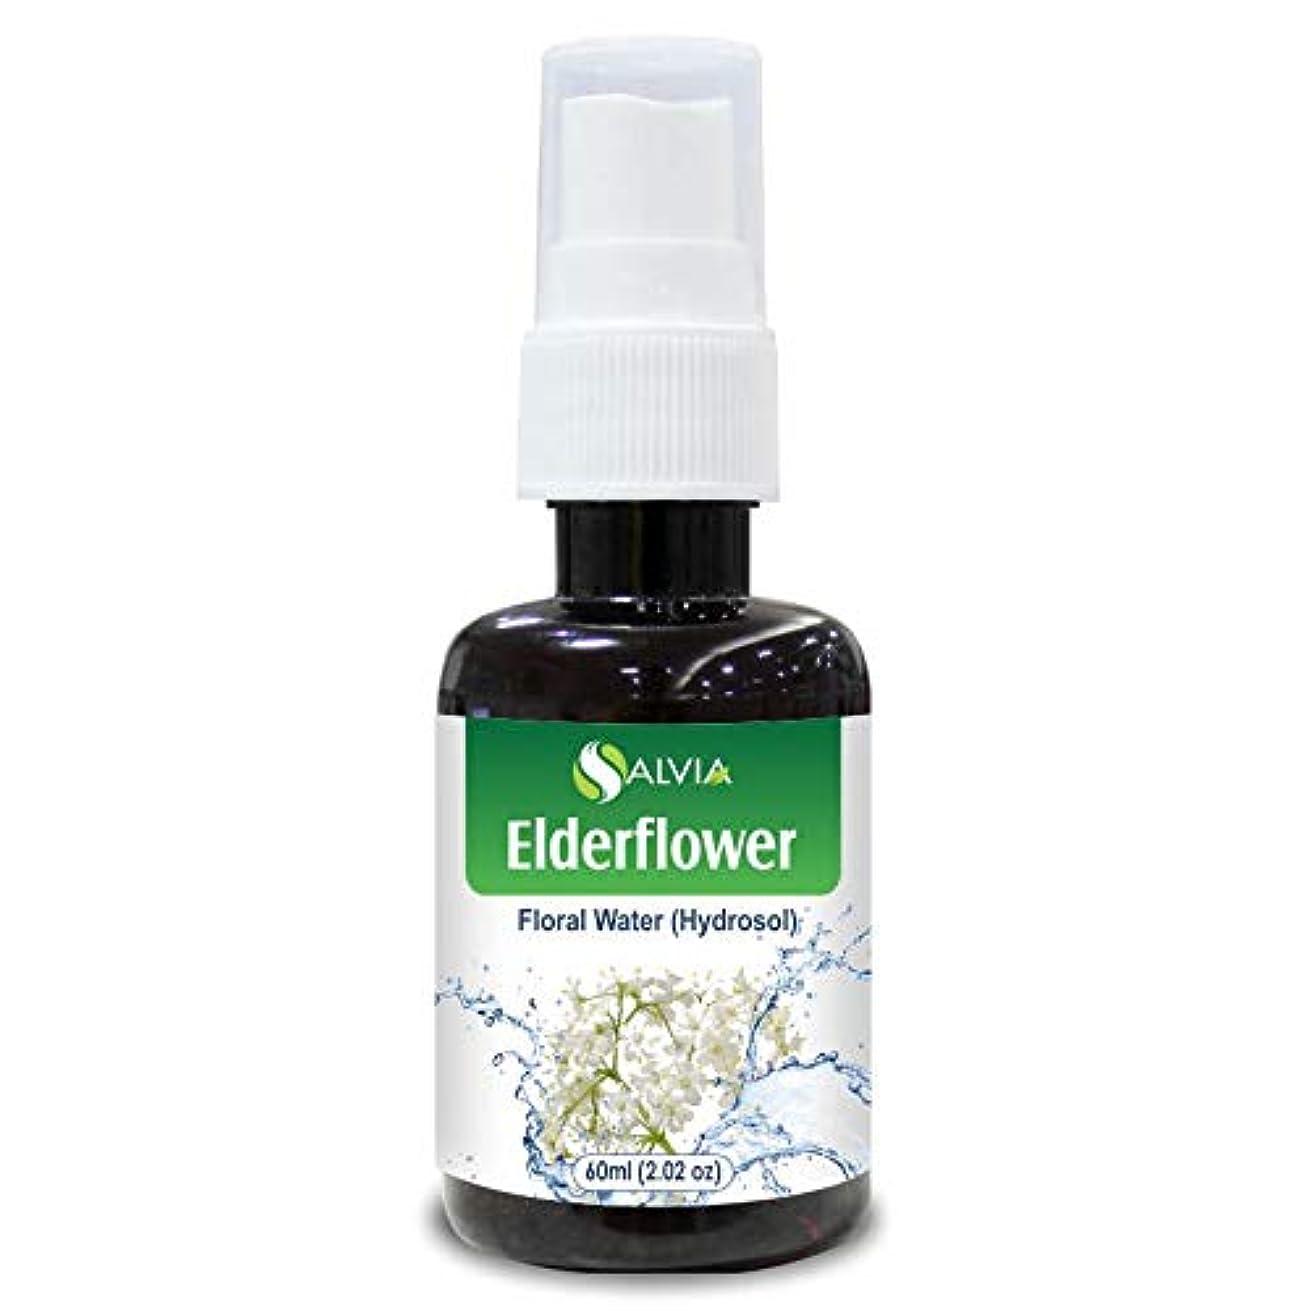 モーテル育成裁量Elderflower Floral Water 60ml (Hydrosol) 100% Pure And Natural